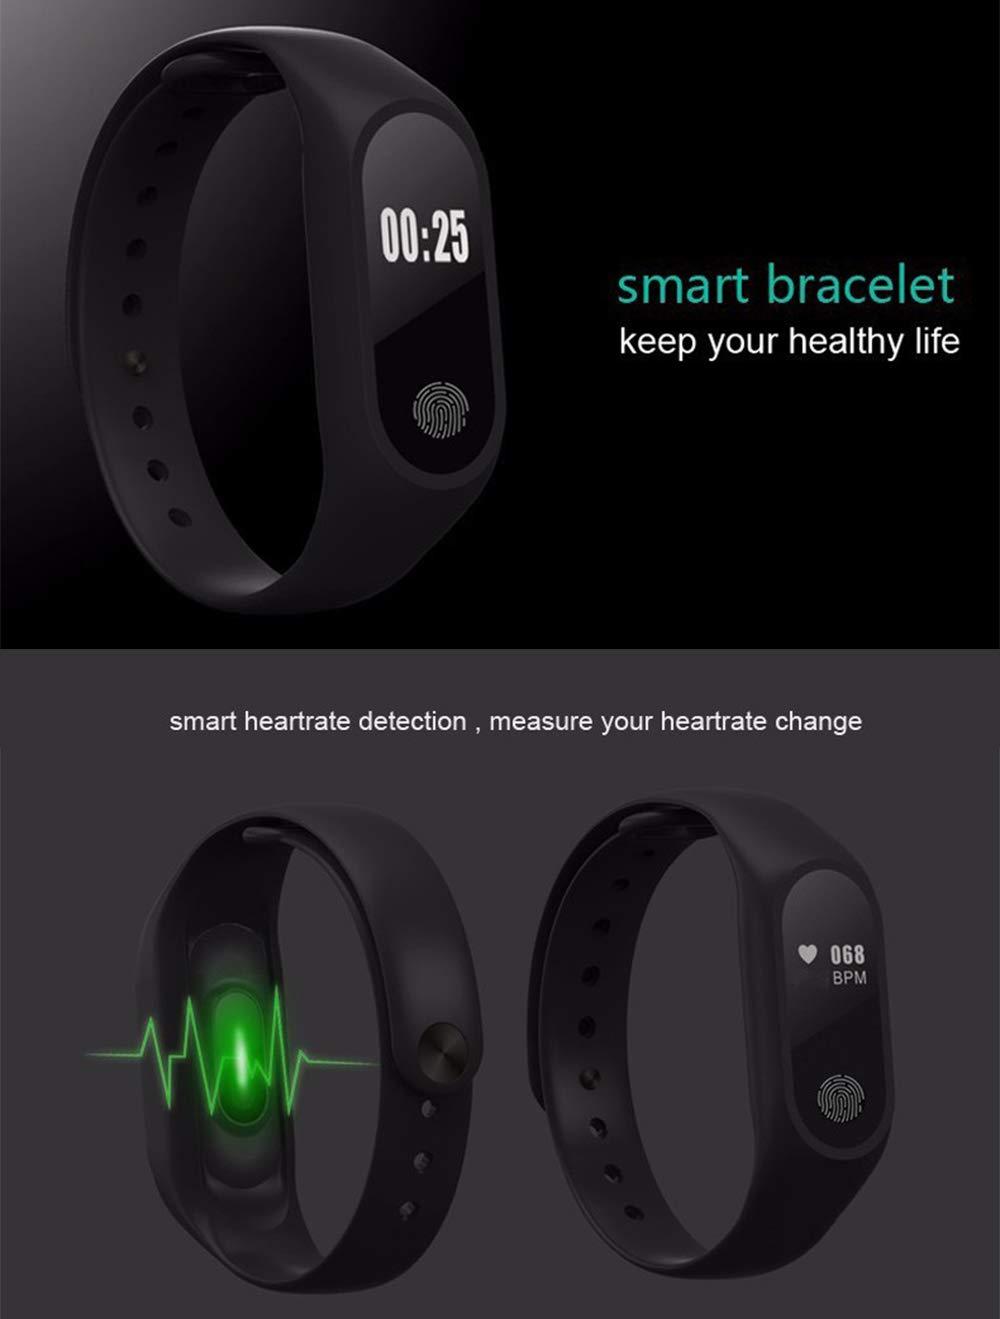 GerTong Fitness Pulsera de seguimiento de actividad con monitor cardíaco, banda inteligente M2, resistente al agua… 6